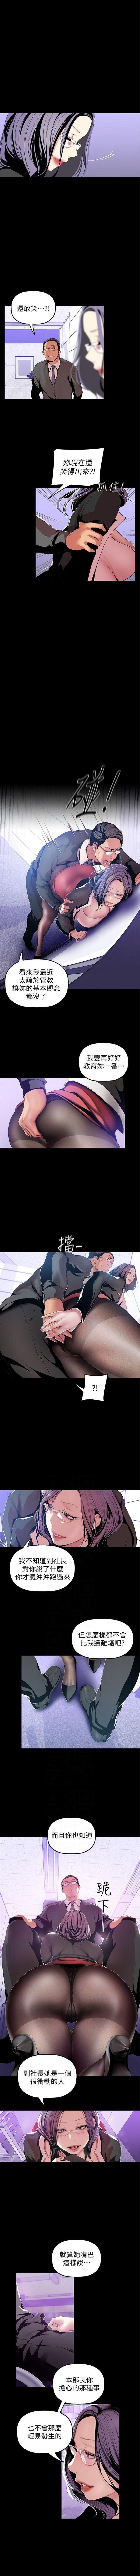 (週1)美麗新世界 1-70 中文翻譯 (更新中) 340